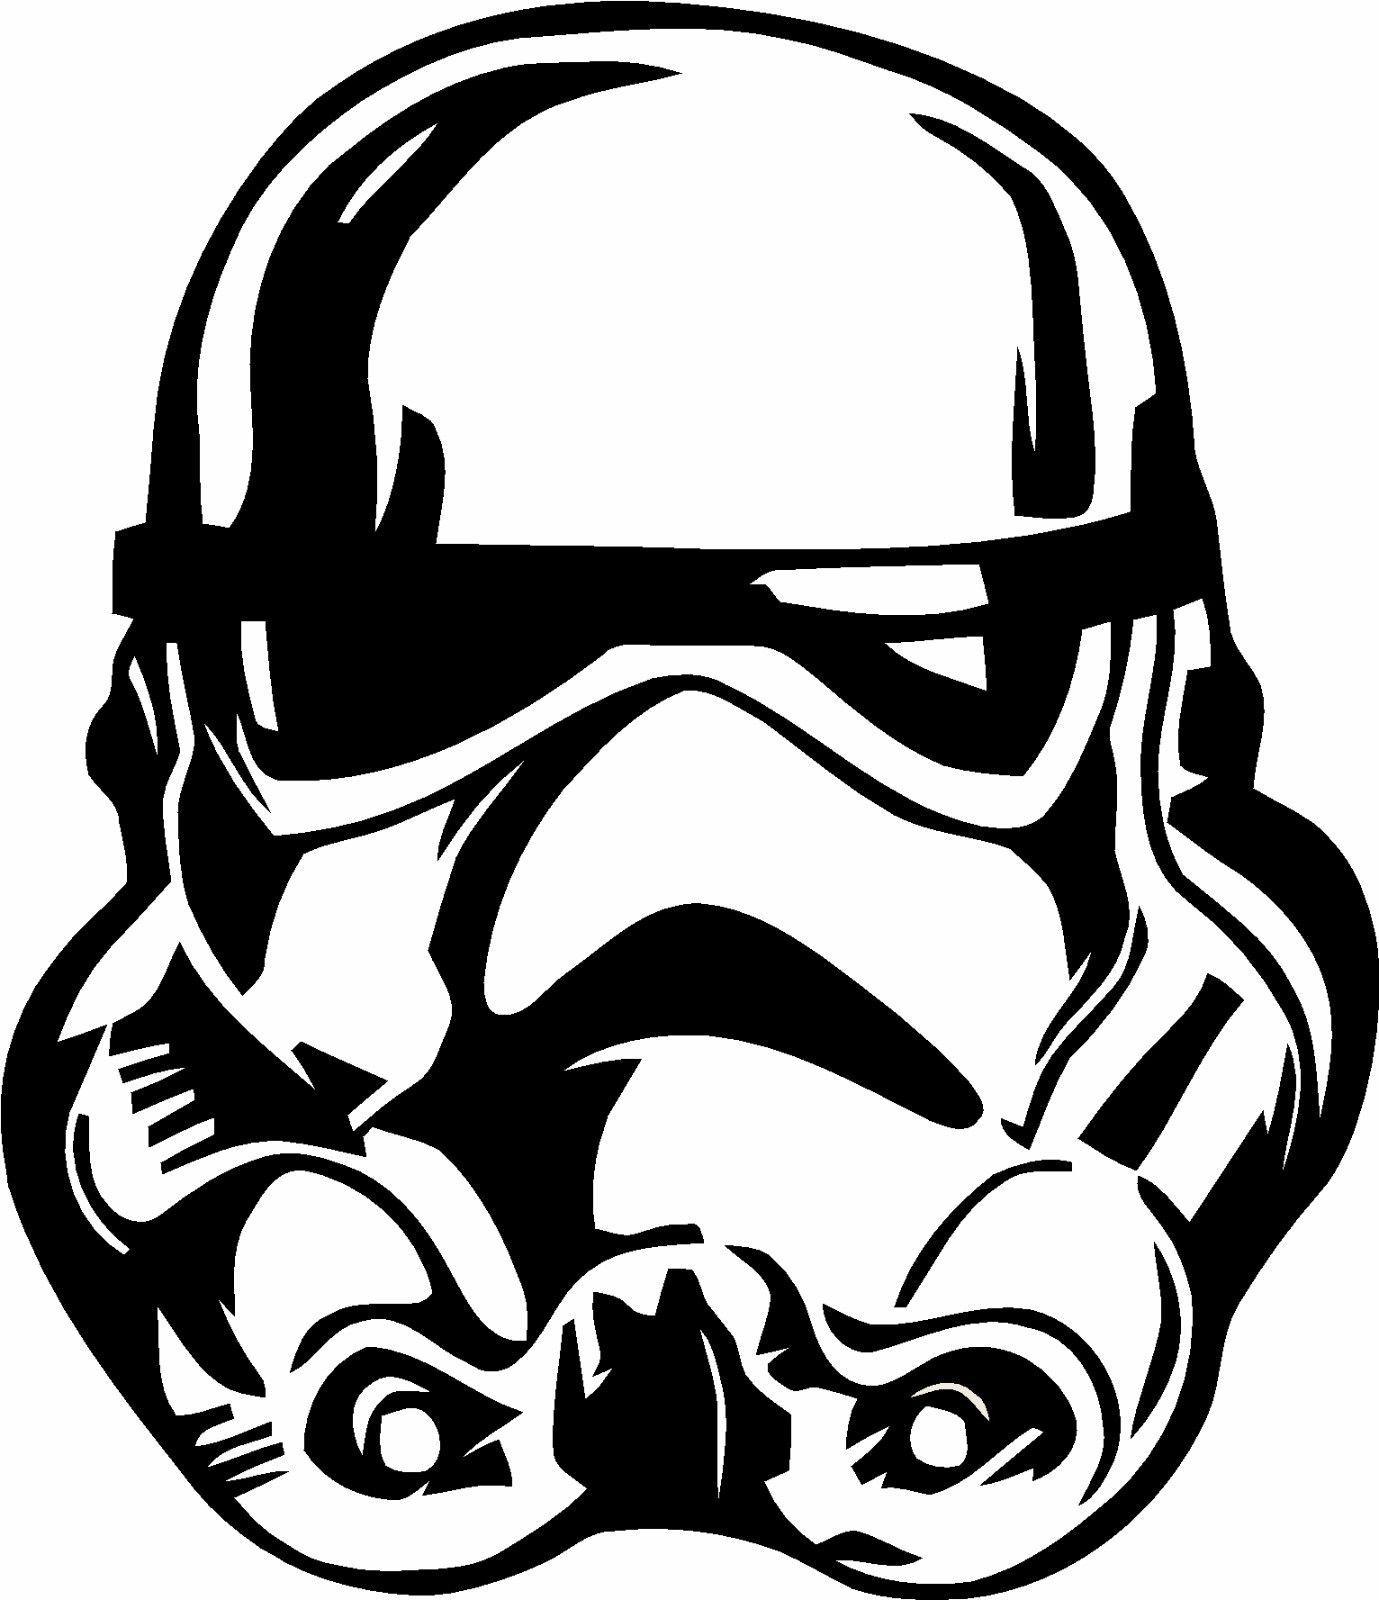 Stormtrooper star wars vinyl decal sticker